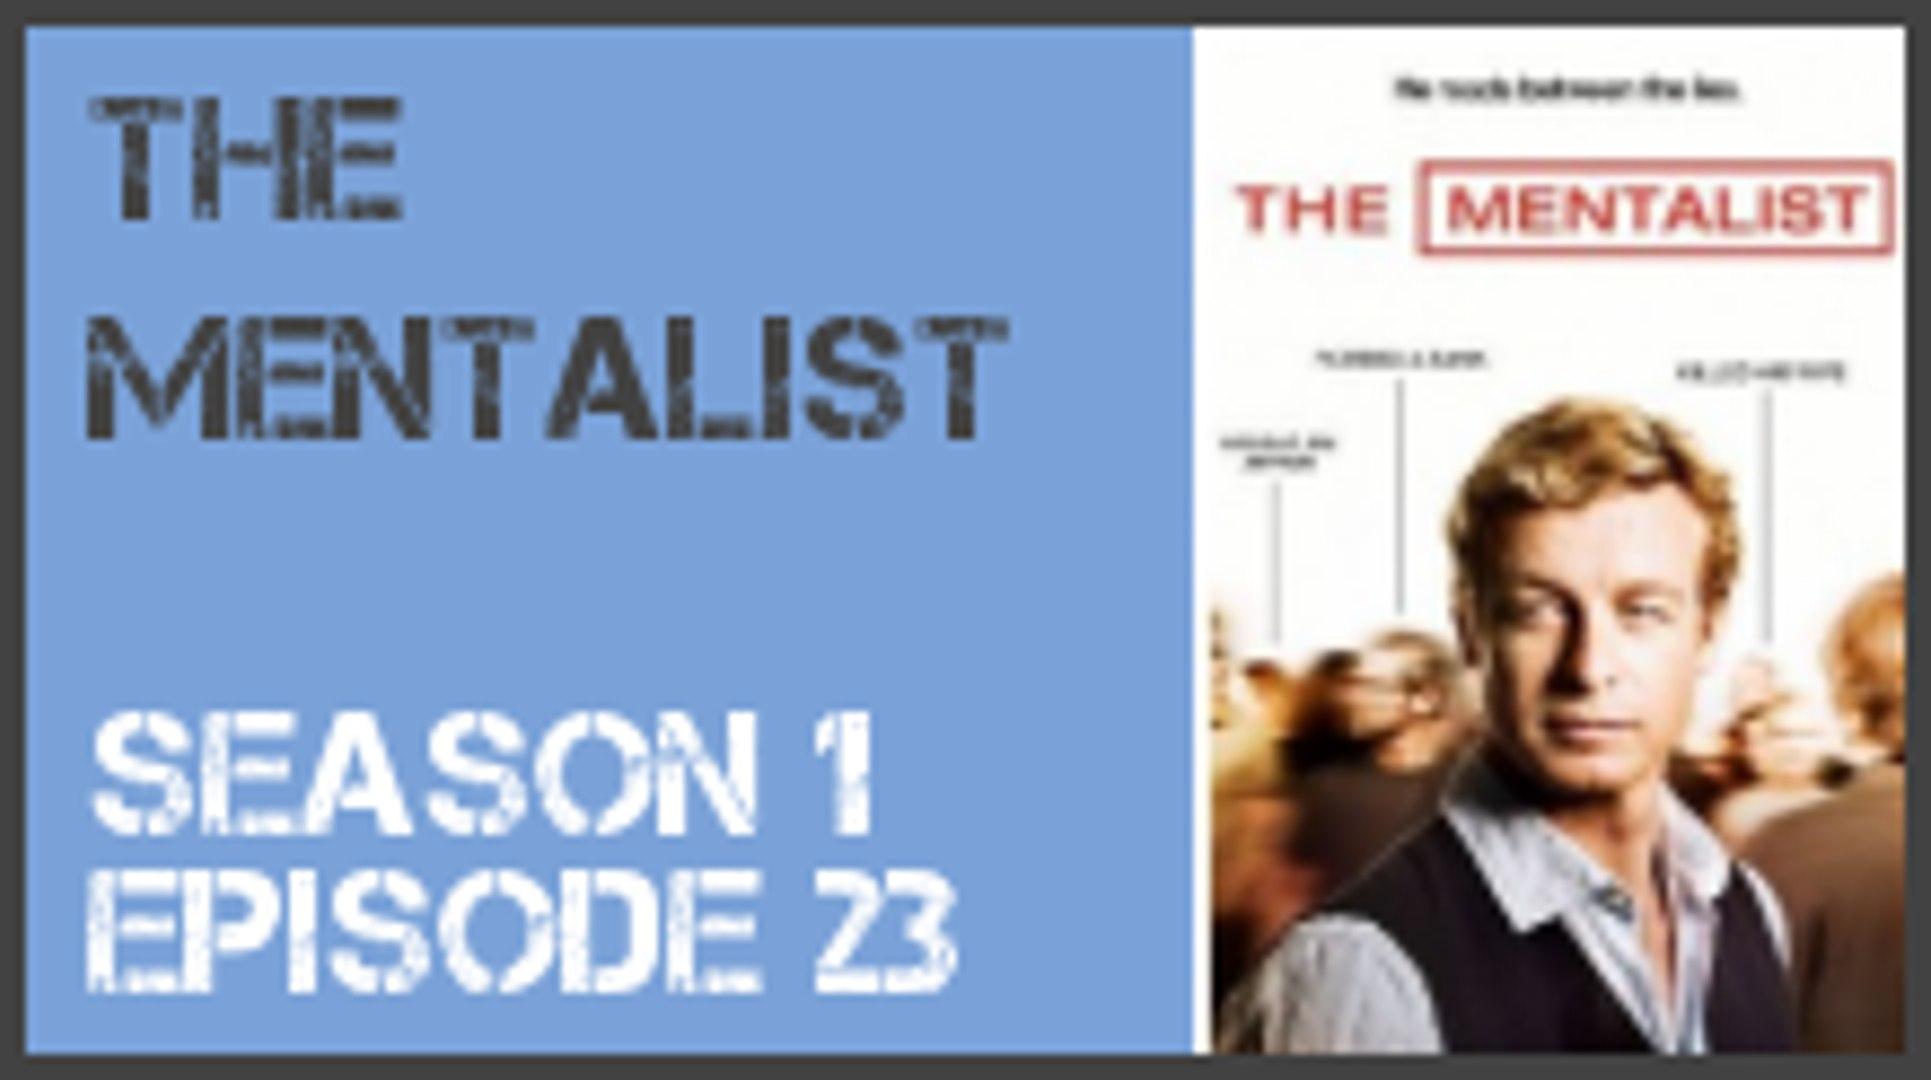 The Mentalist season 1 episode 23 s1e23